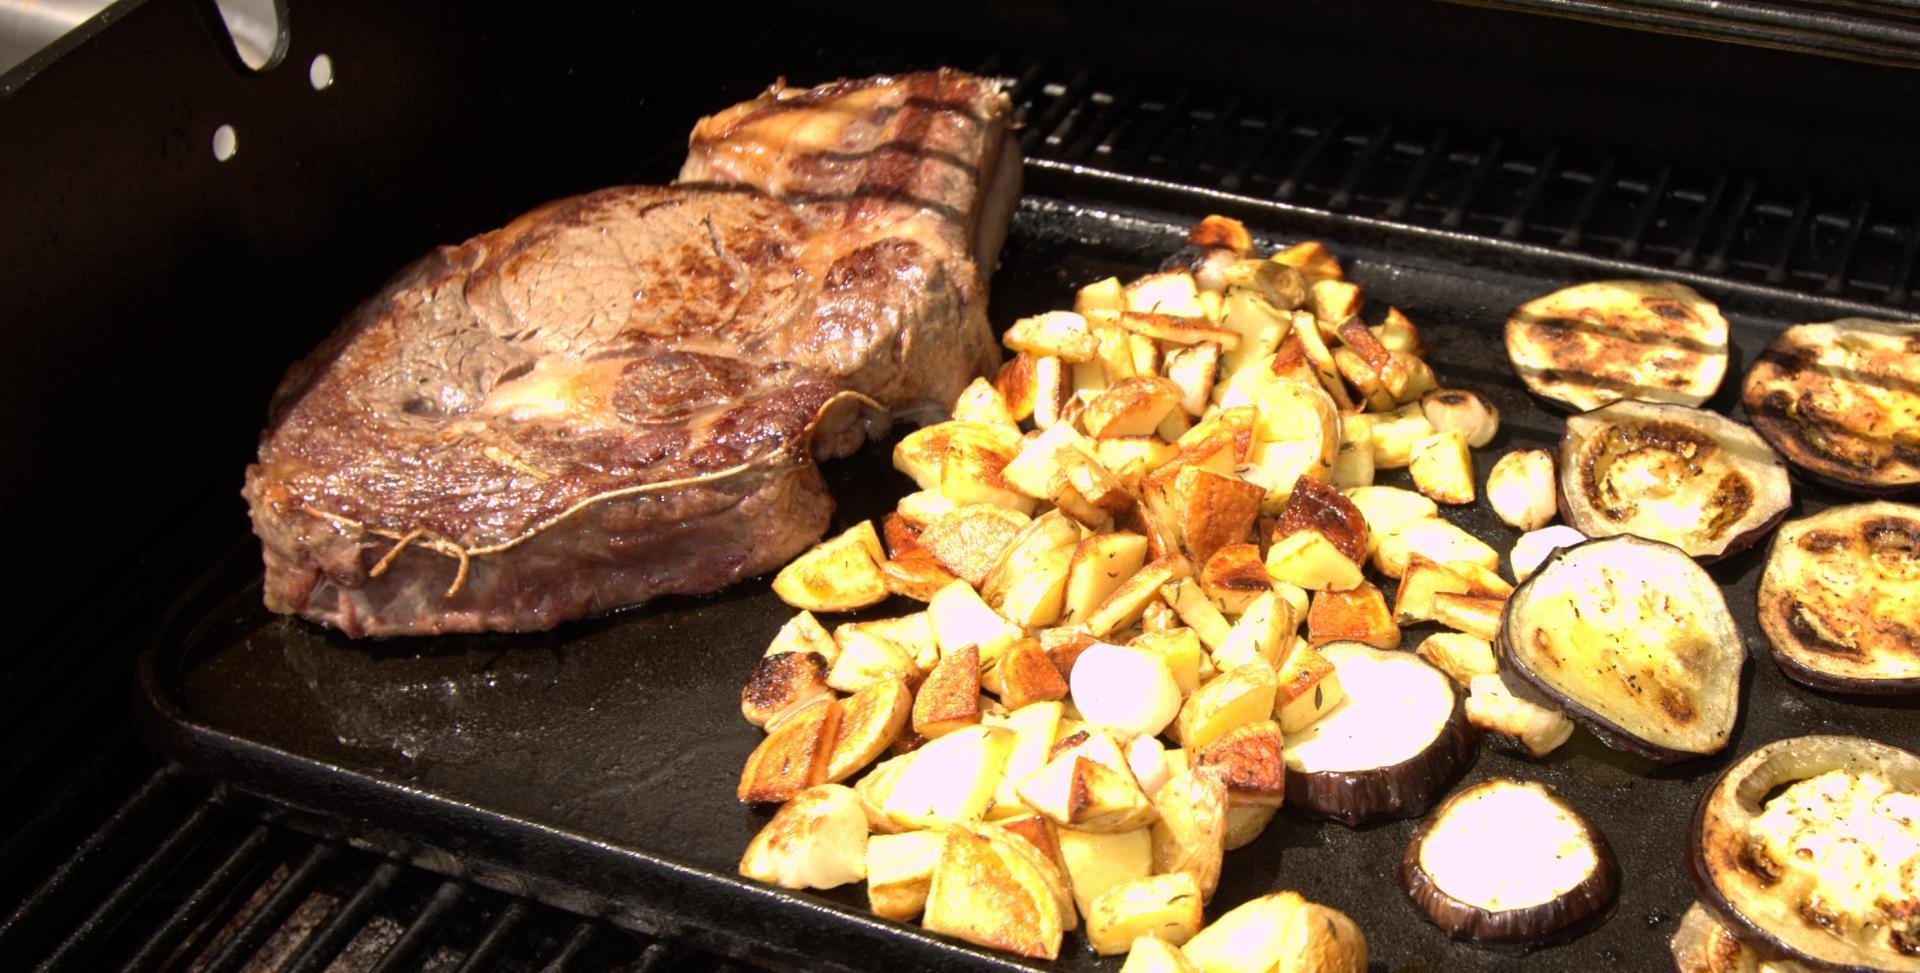 Côte de bœuf, pommes sautées et aubergine grillée